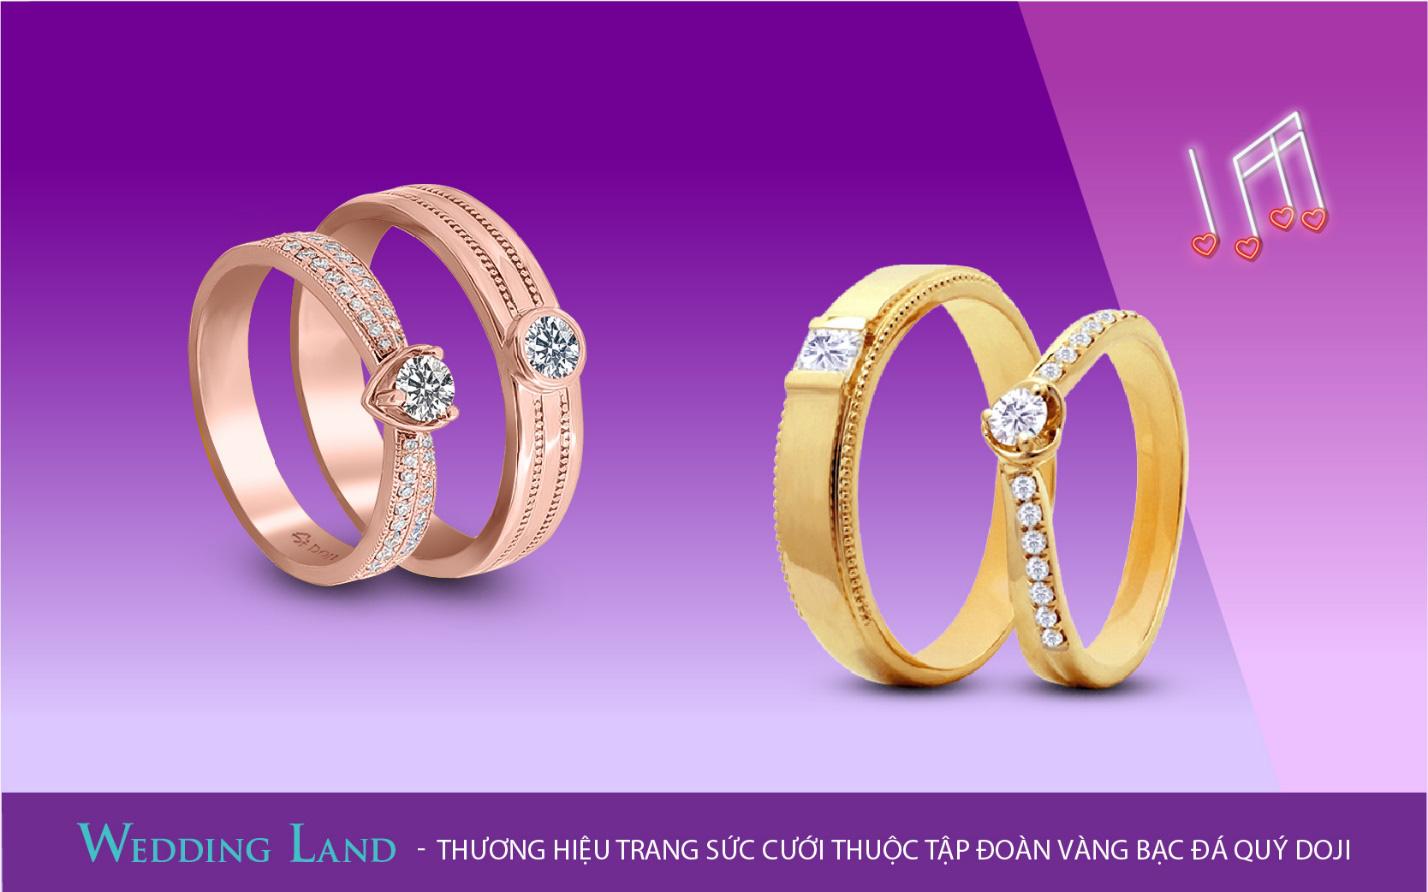 """Bí ẩn tạo sóng của BST """"Loving Heart"""" từ thương hiệu Wedding Land - Ảnh 3."""